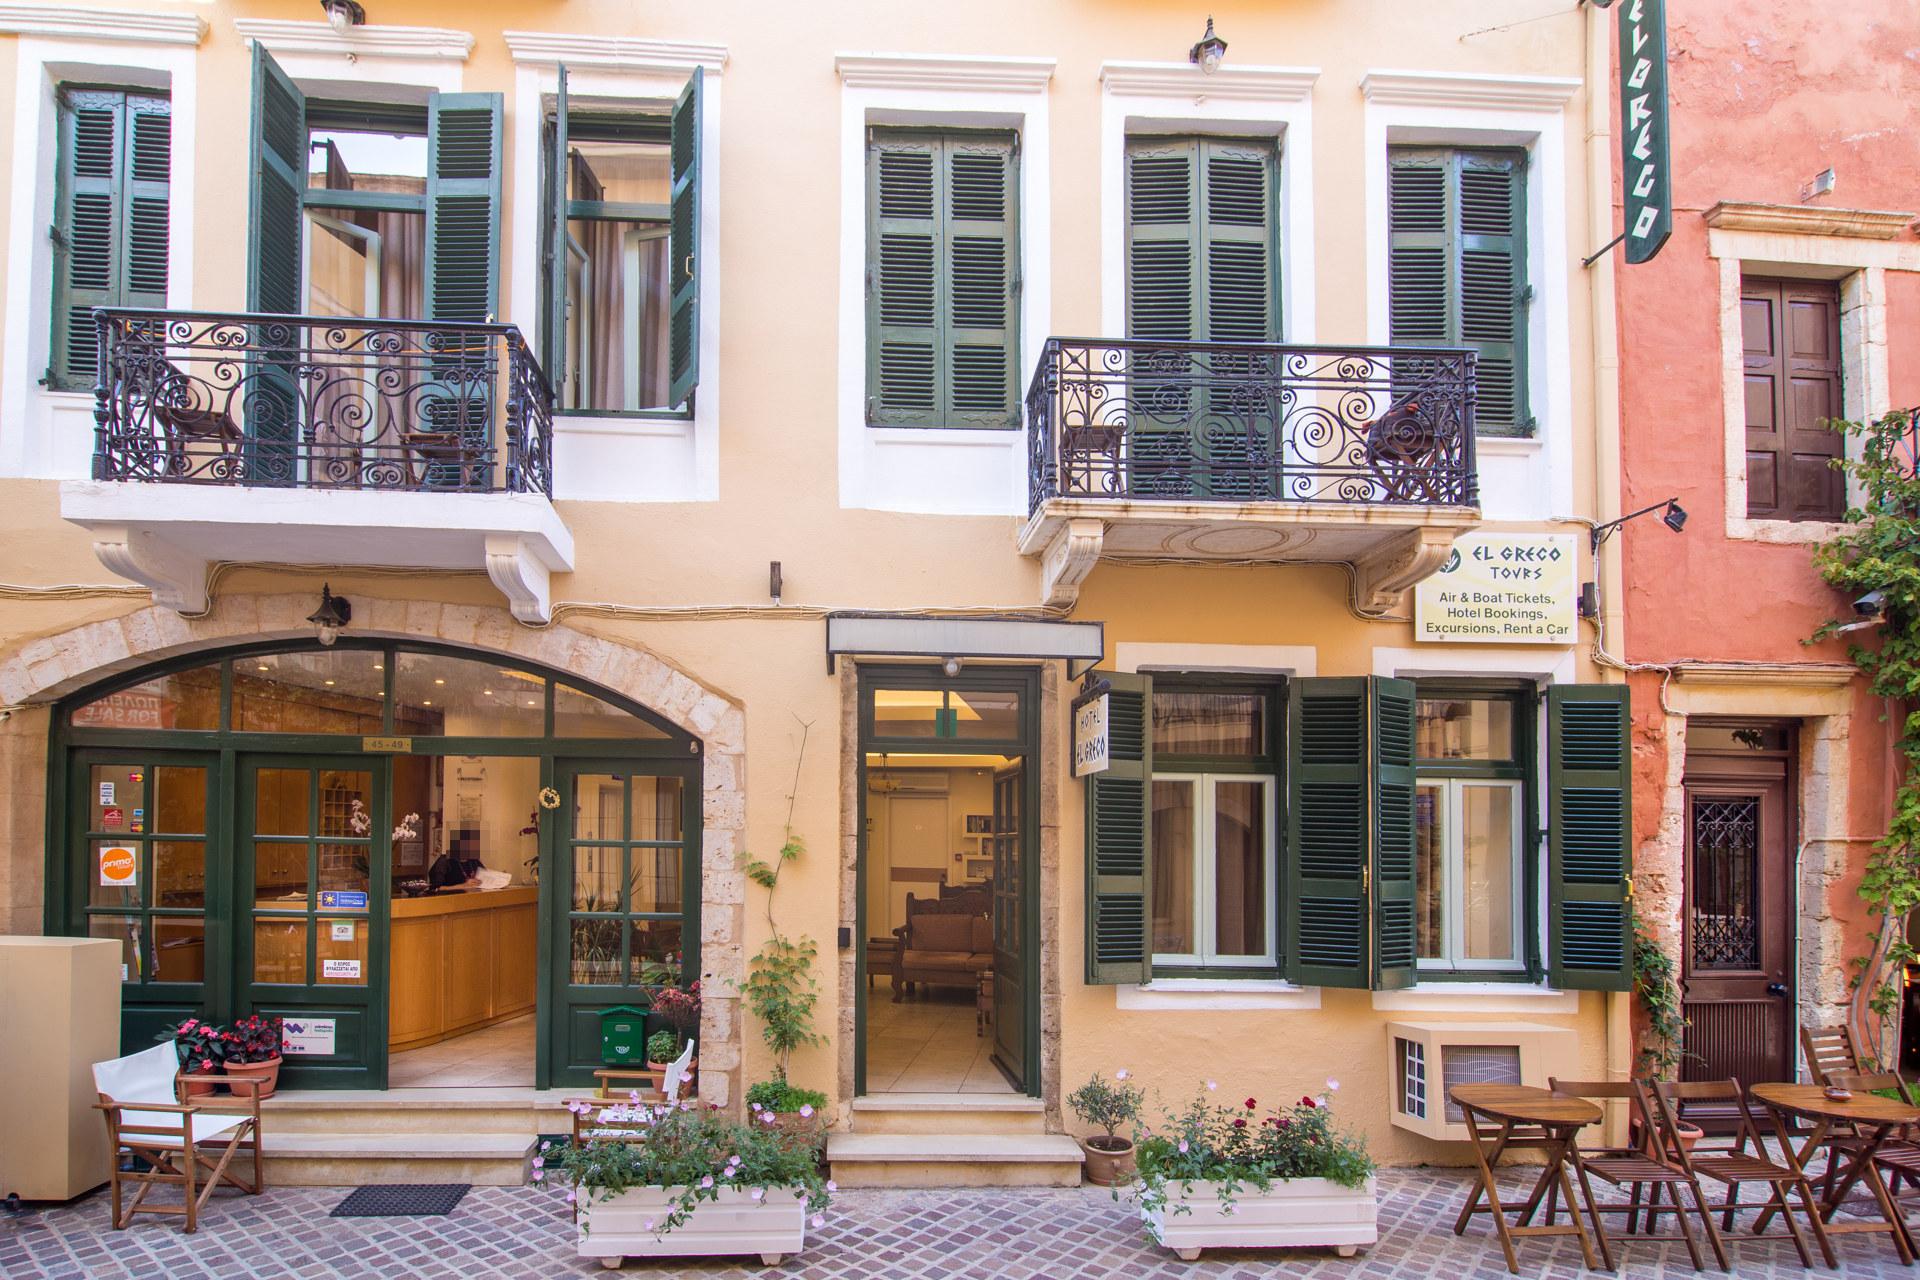 El Greco Hotel EXTERIOR & THEOTOKOPOULOU STR